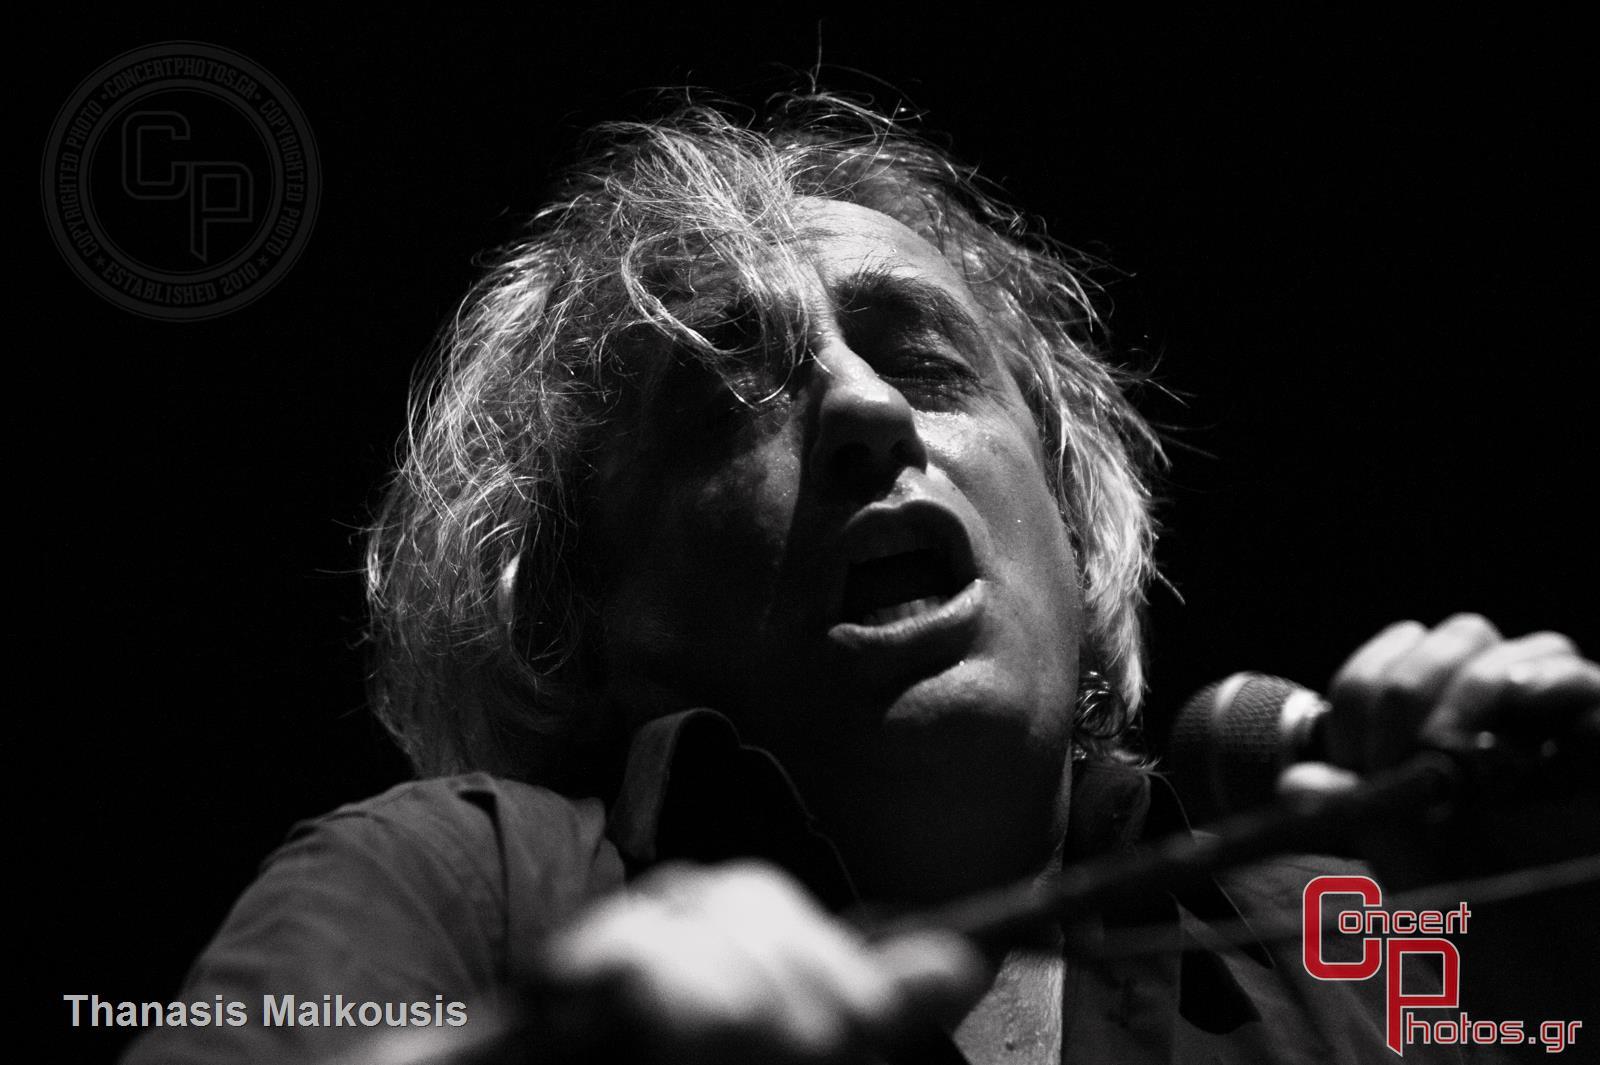 Γιάννης Αγγελάκας-Giannis Aggelakas Stage volume 1 photographer: Thanasis Maikousis - _DSC1886